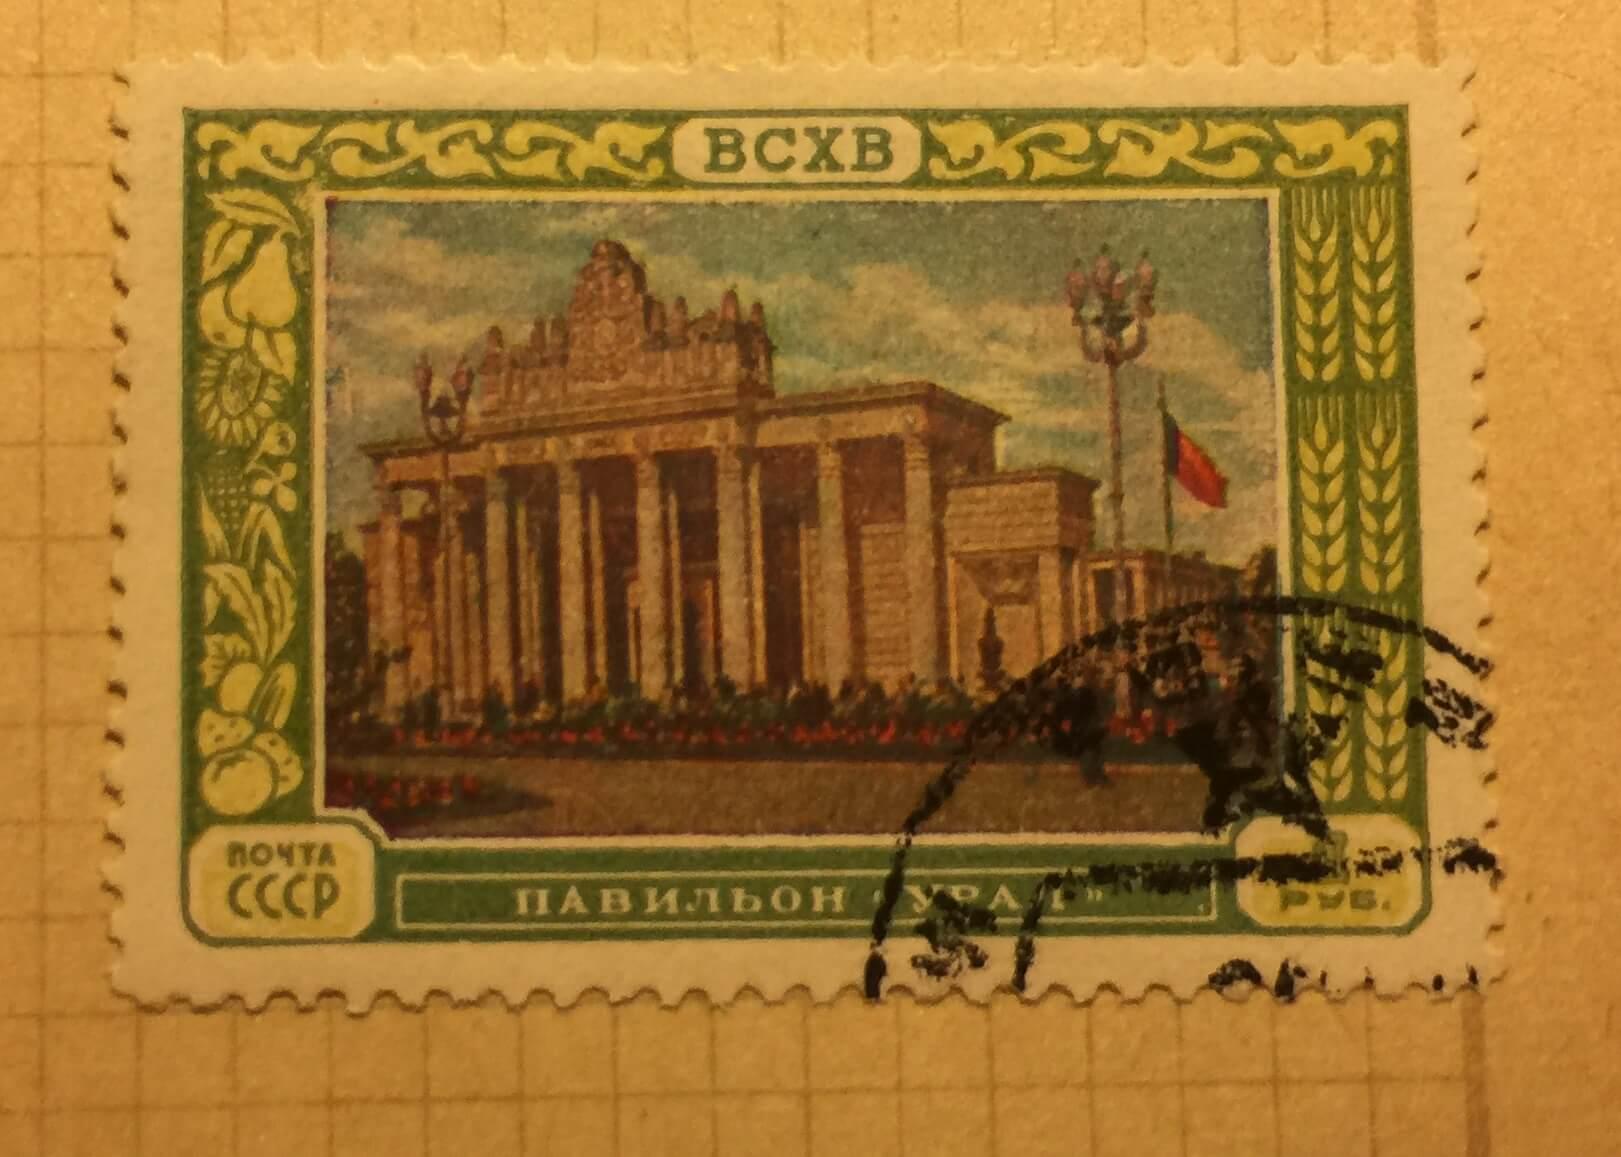 Купить почтовую марку СССР Павильон Урал a1d5e3b7fd5e1